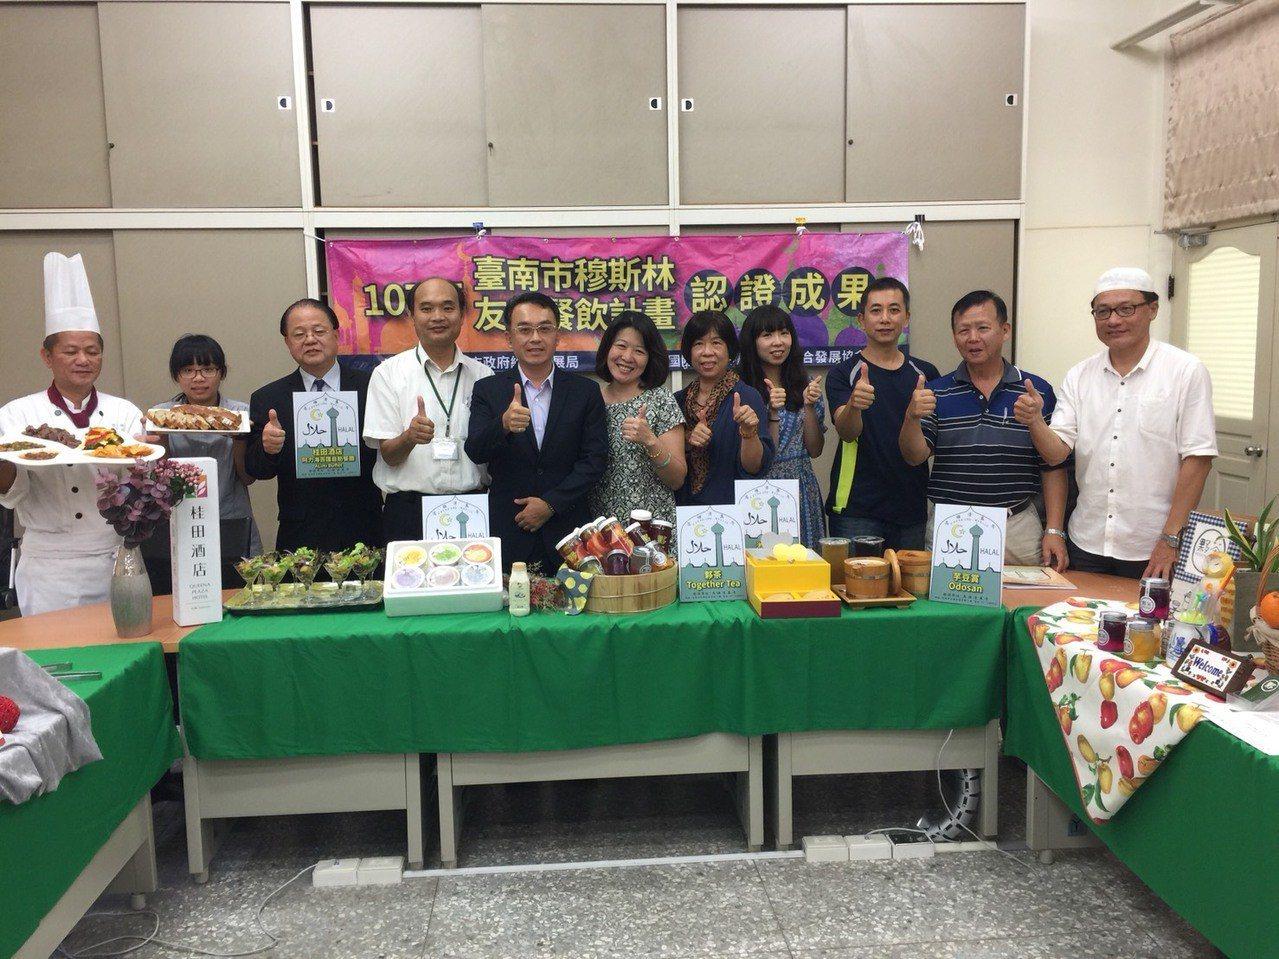 台南市今年有5家餐廳業者取得高雄清真寺的「穆斯林餐食店」認證 。記者吳政修/攝影